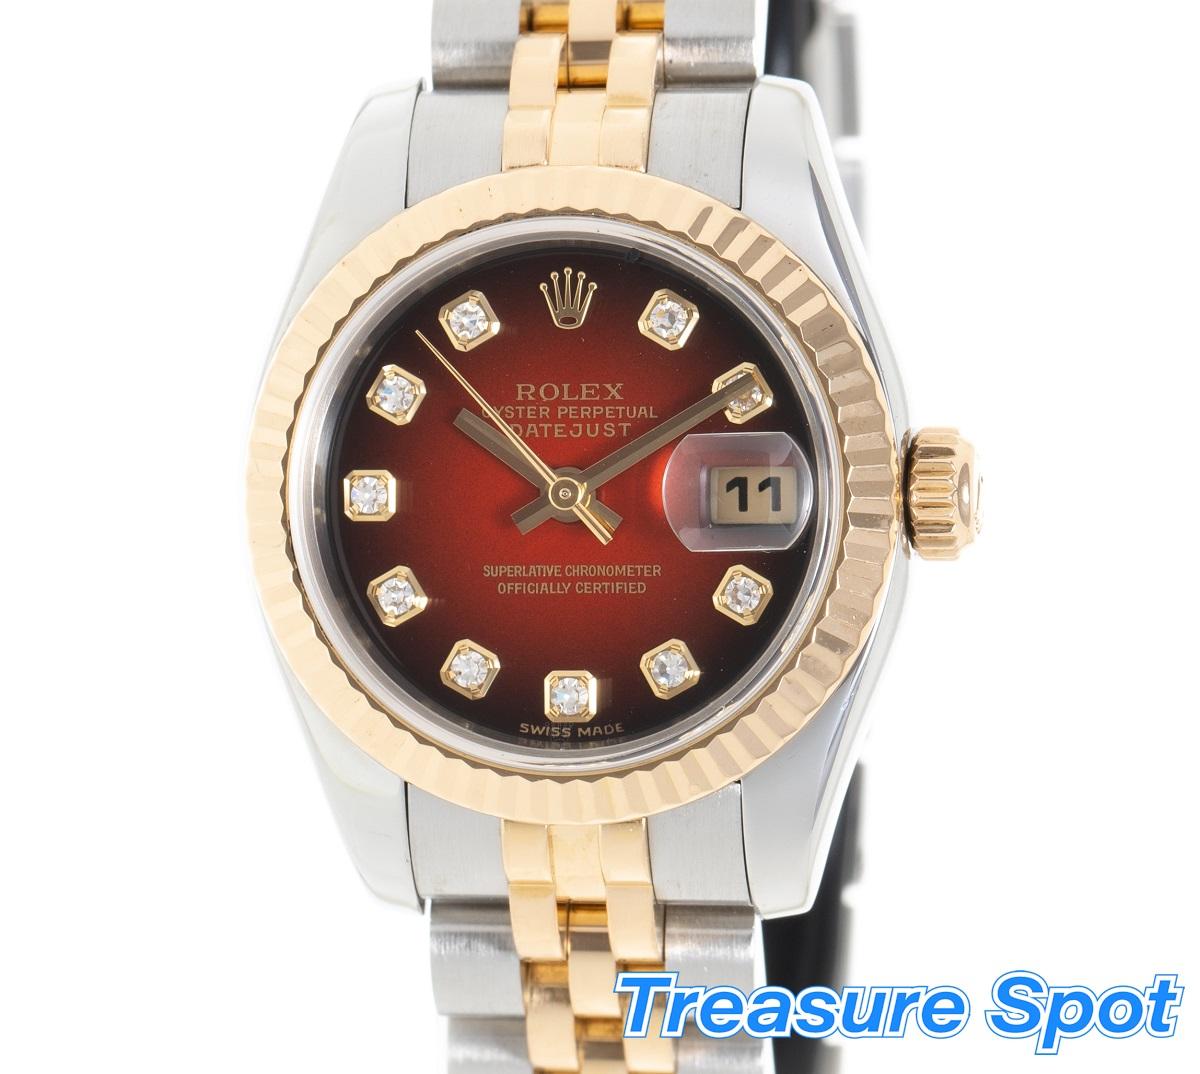 ロレックス ROLEX デイトジャスト 179173G 10P ダイヤ レッドグラデーション SS×YG ステンレス×イエローゴールド 2004年式 レディース 腕時計 送料無料 【トレジャースポット】【中古】